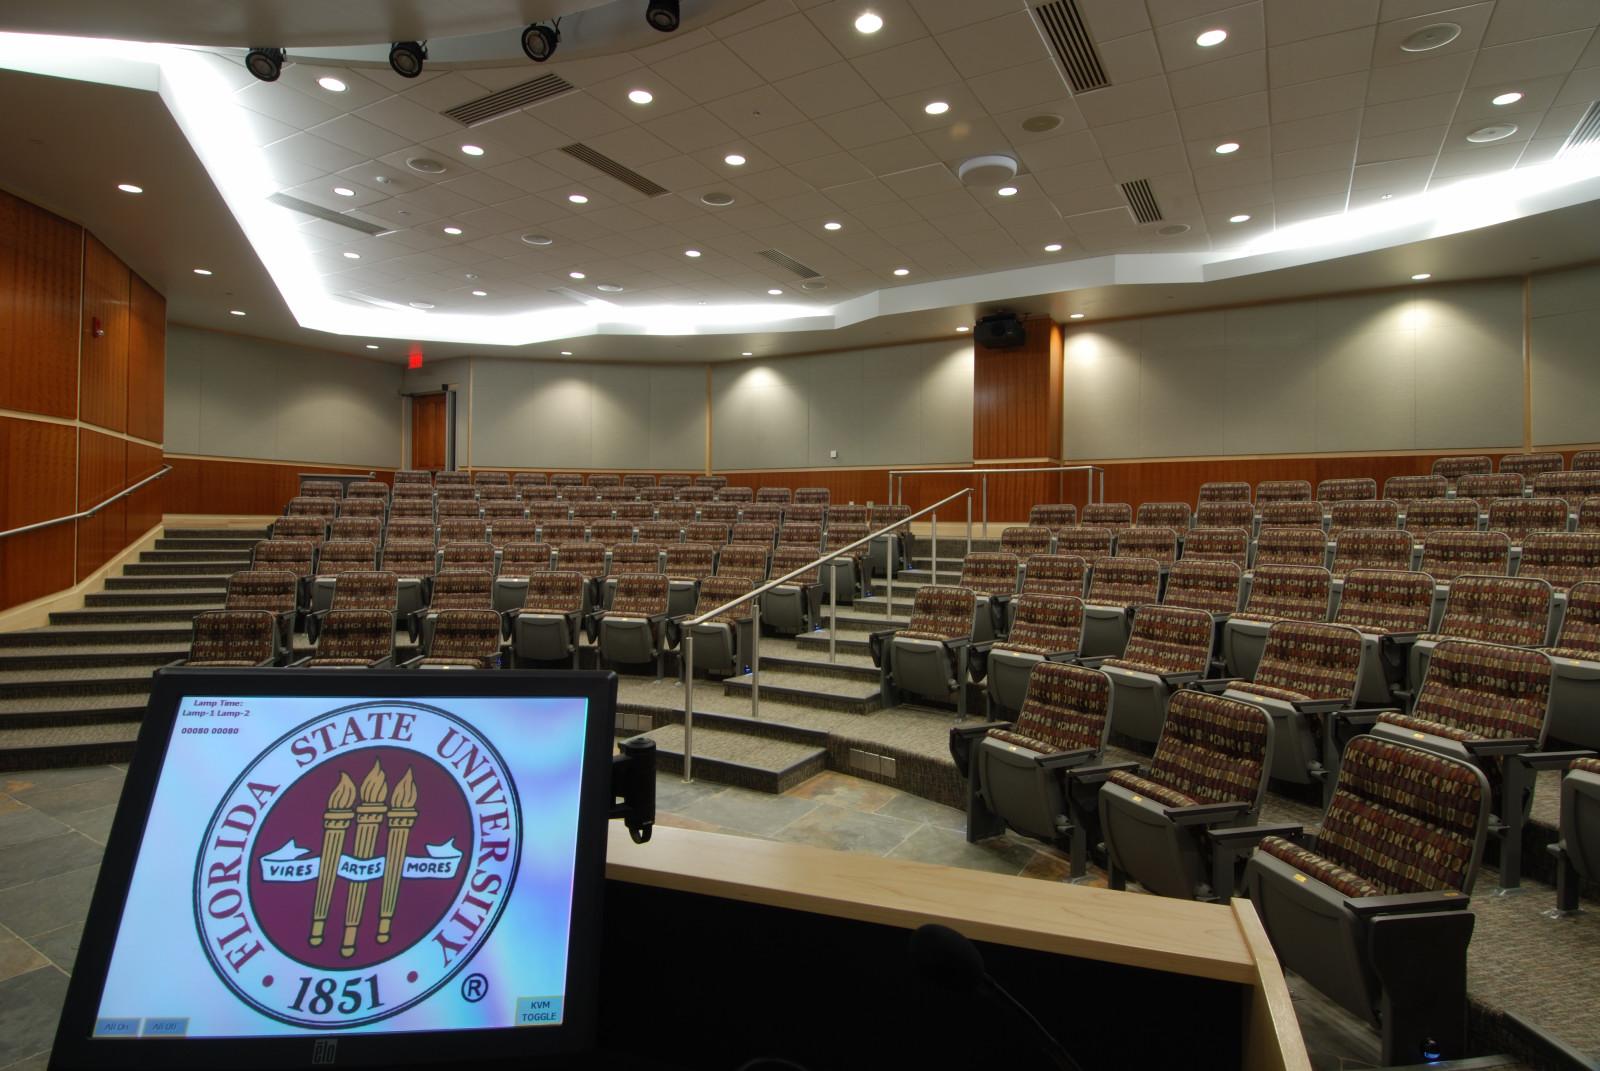 CSL Auditorium